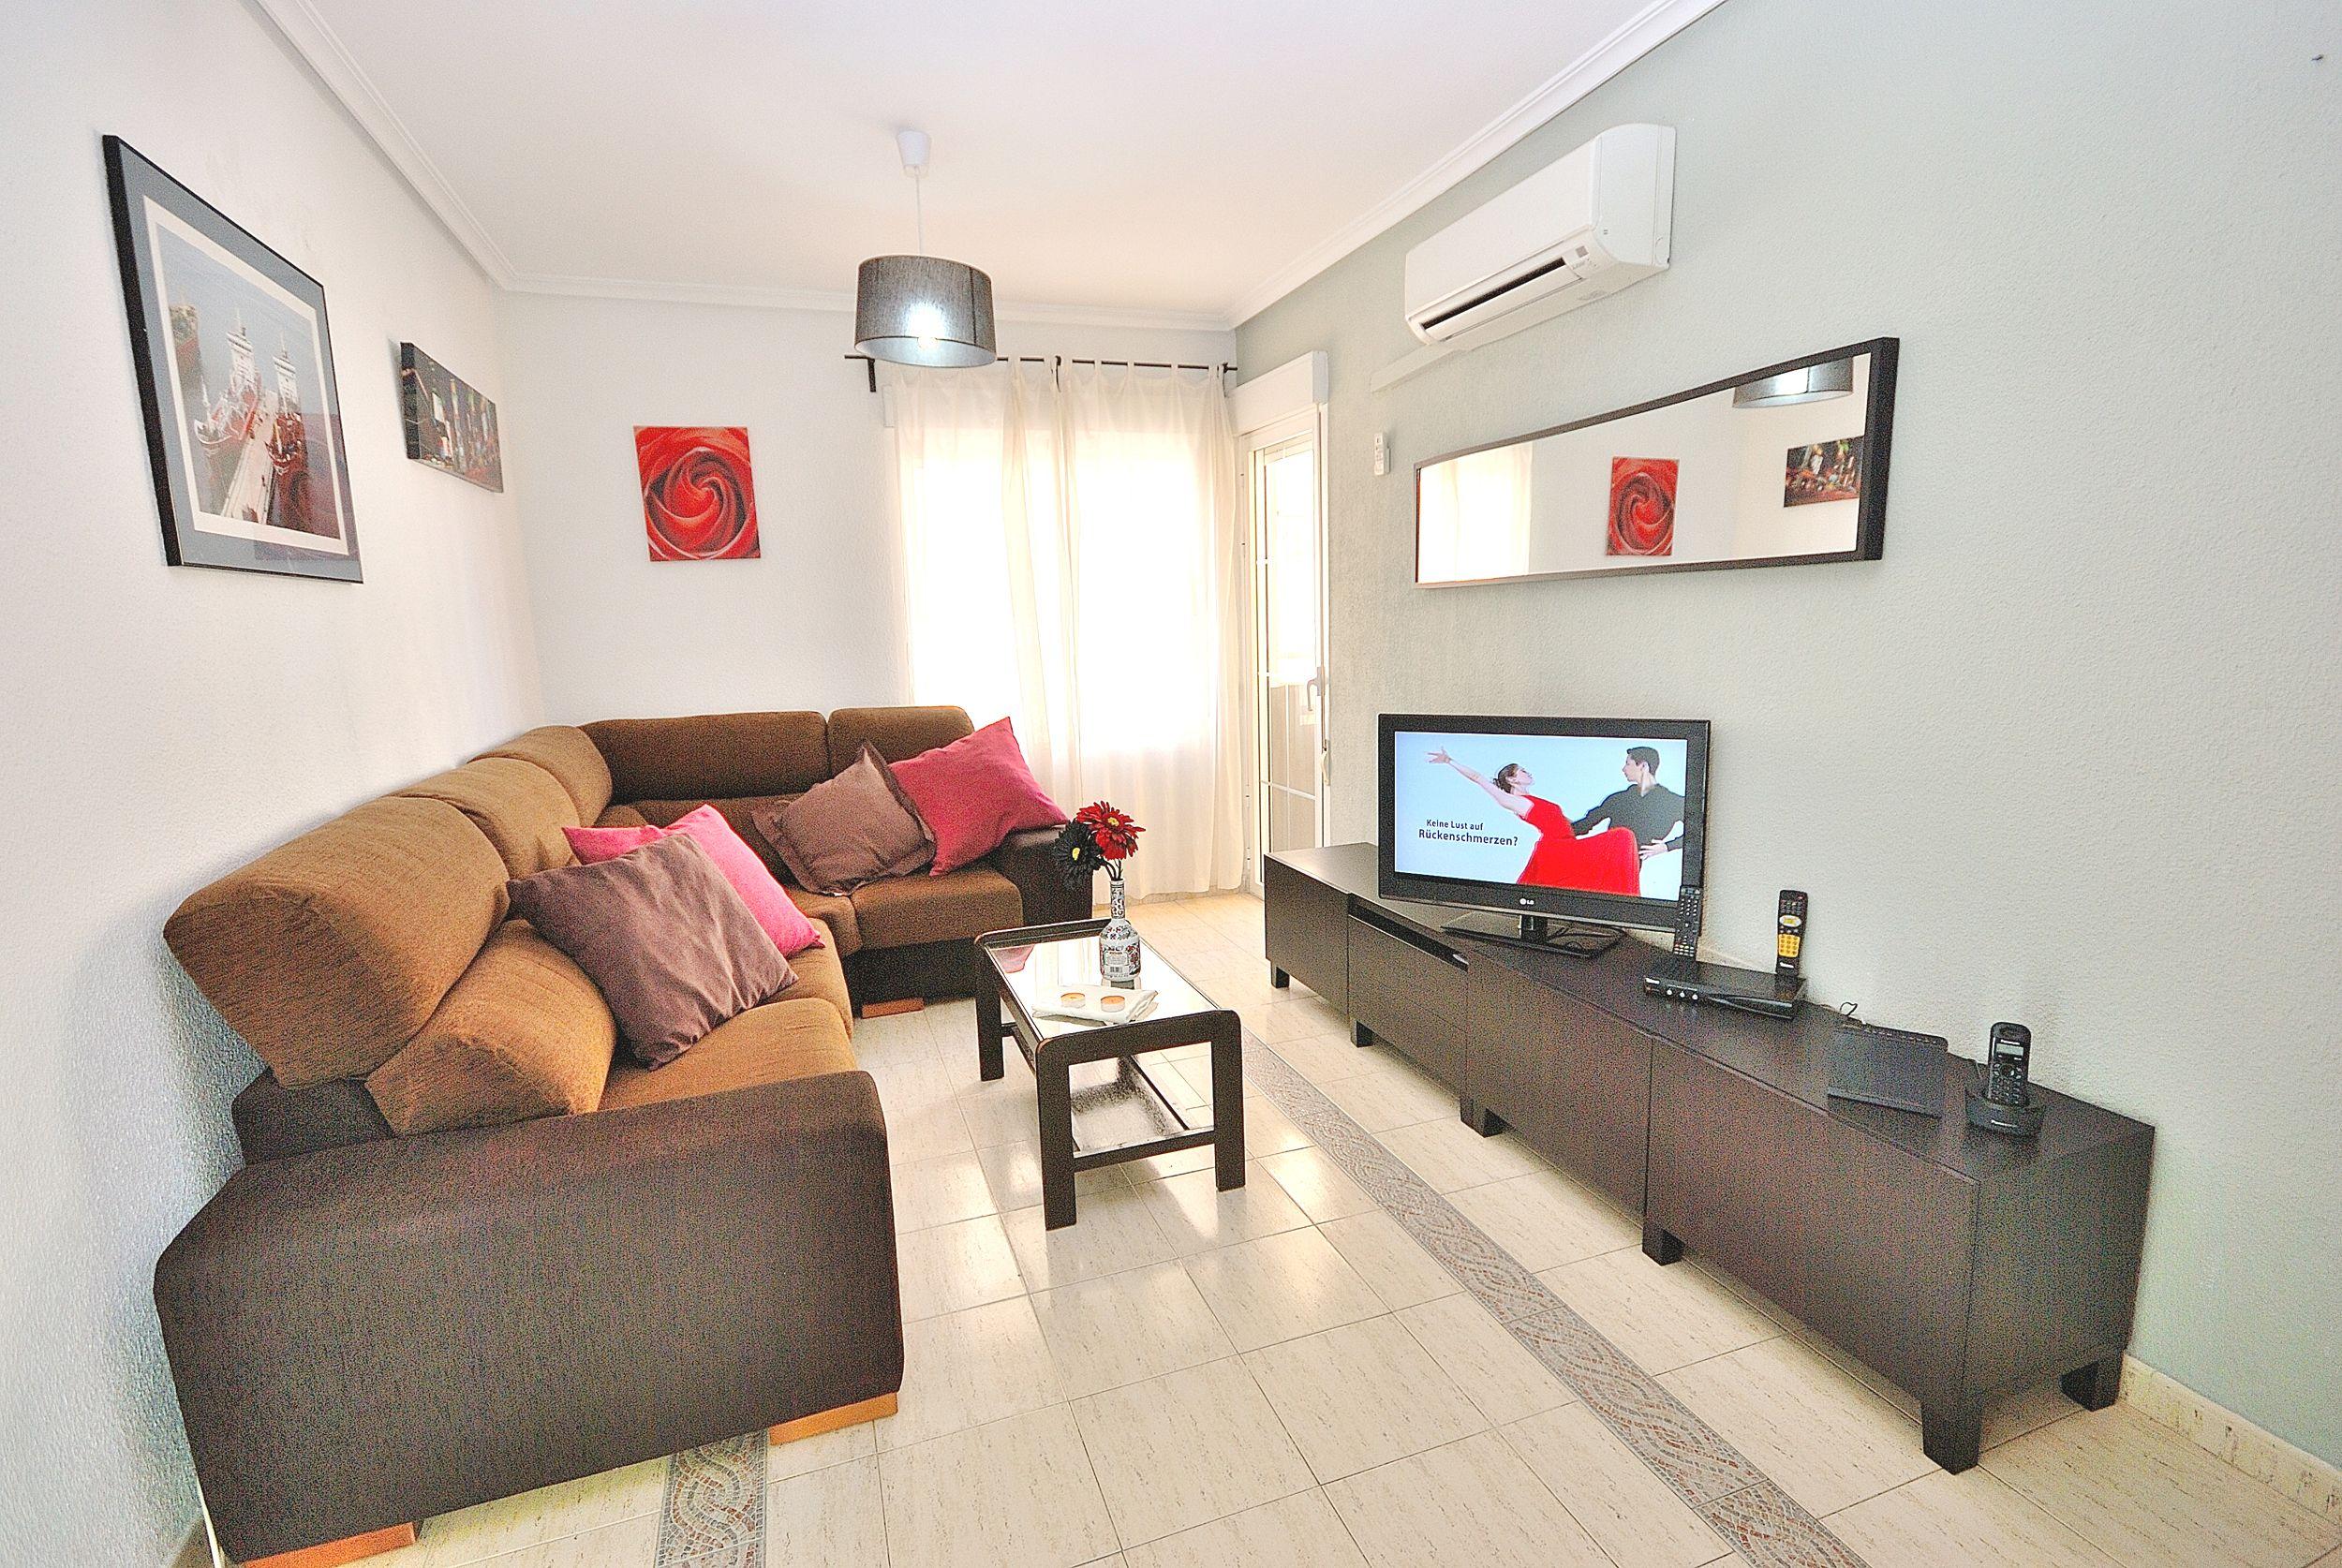 Apartamento para 4 en Costa blanca